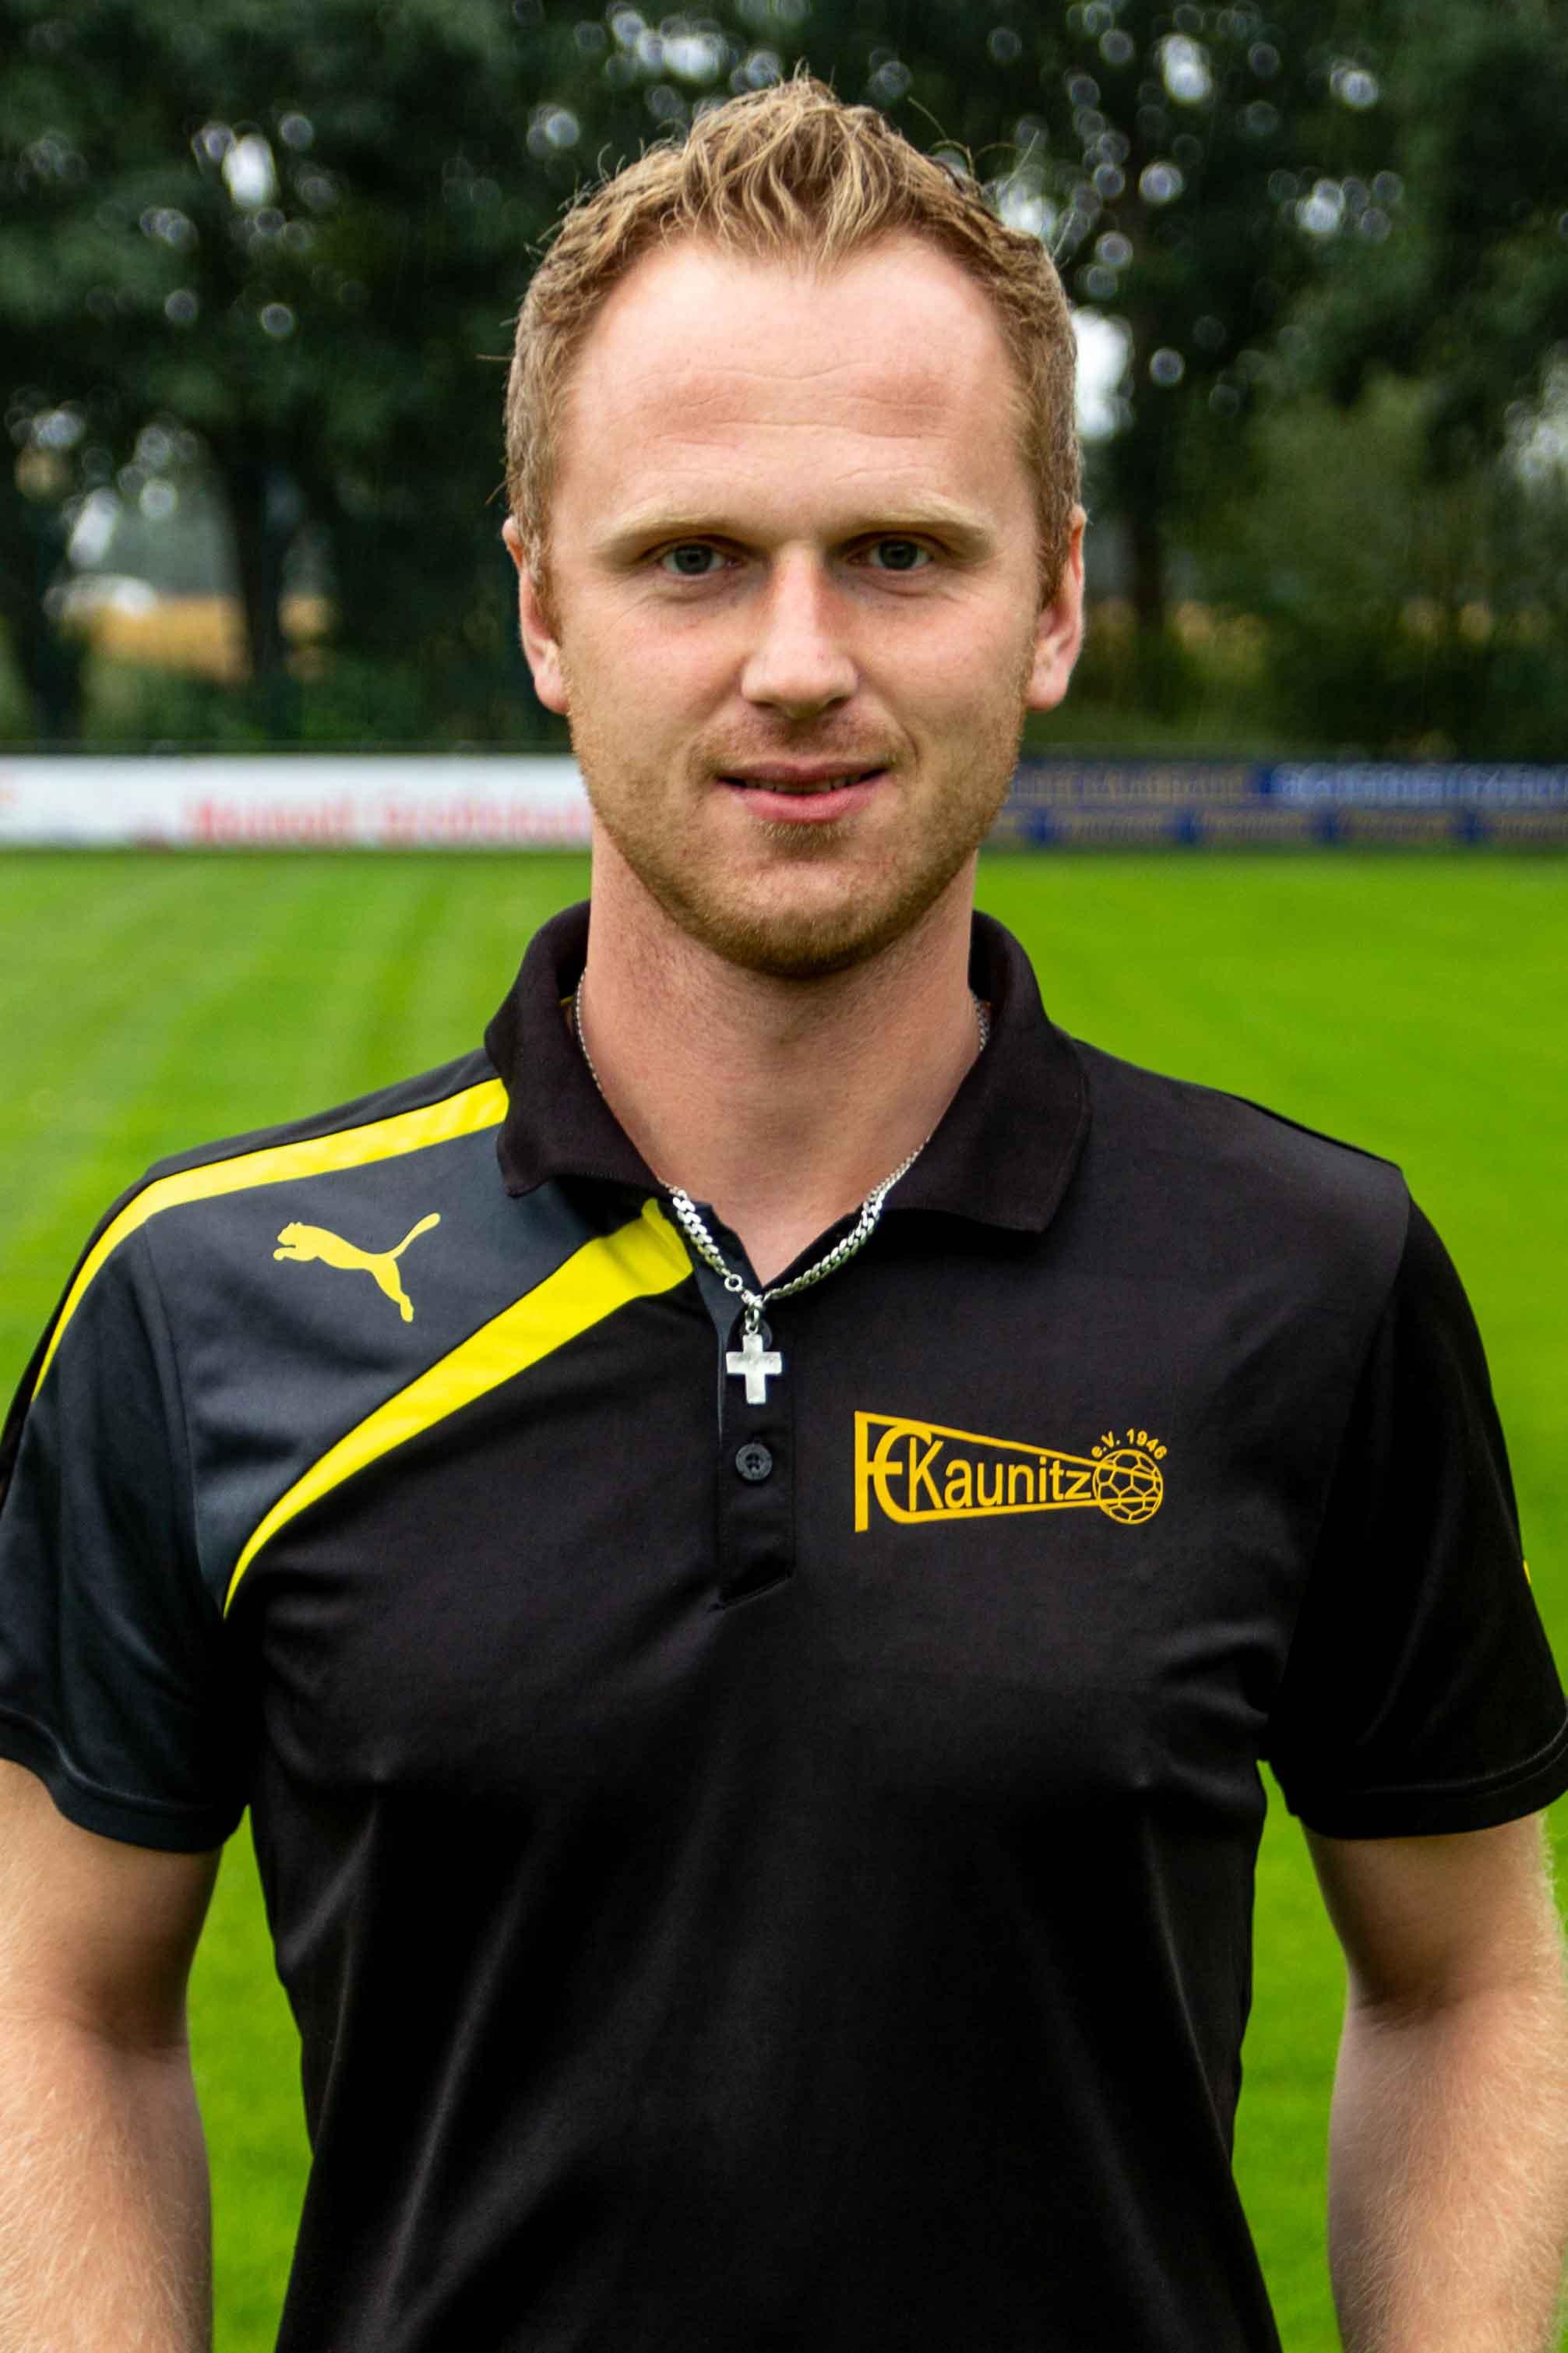 Rafael Pietrzyk